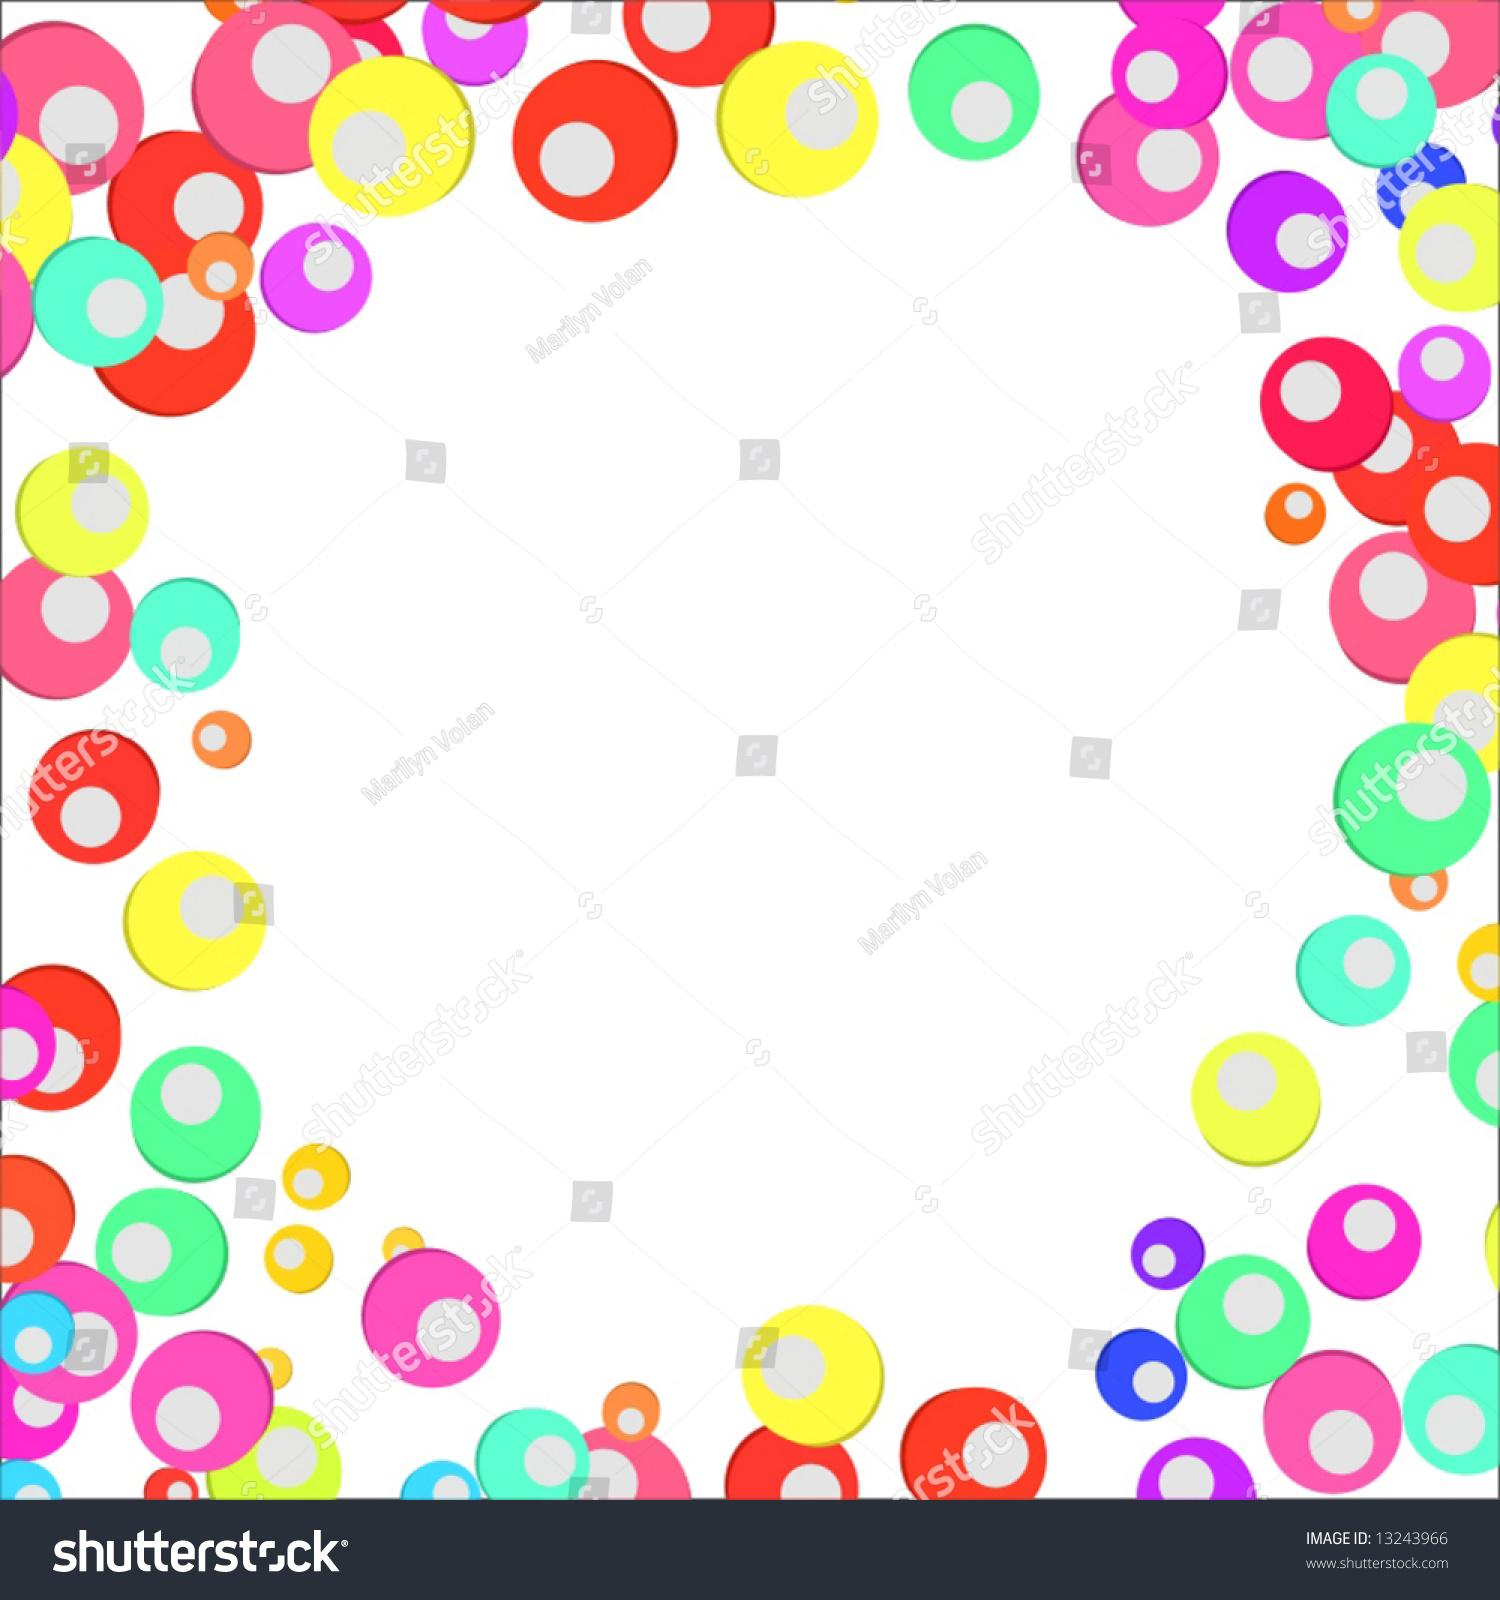 矢量彩色圈边界-背景/素材